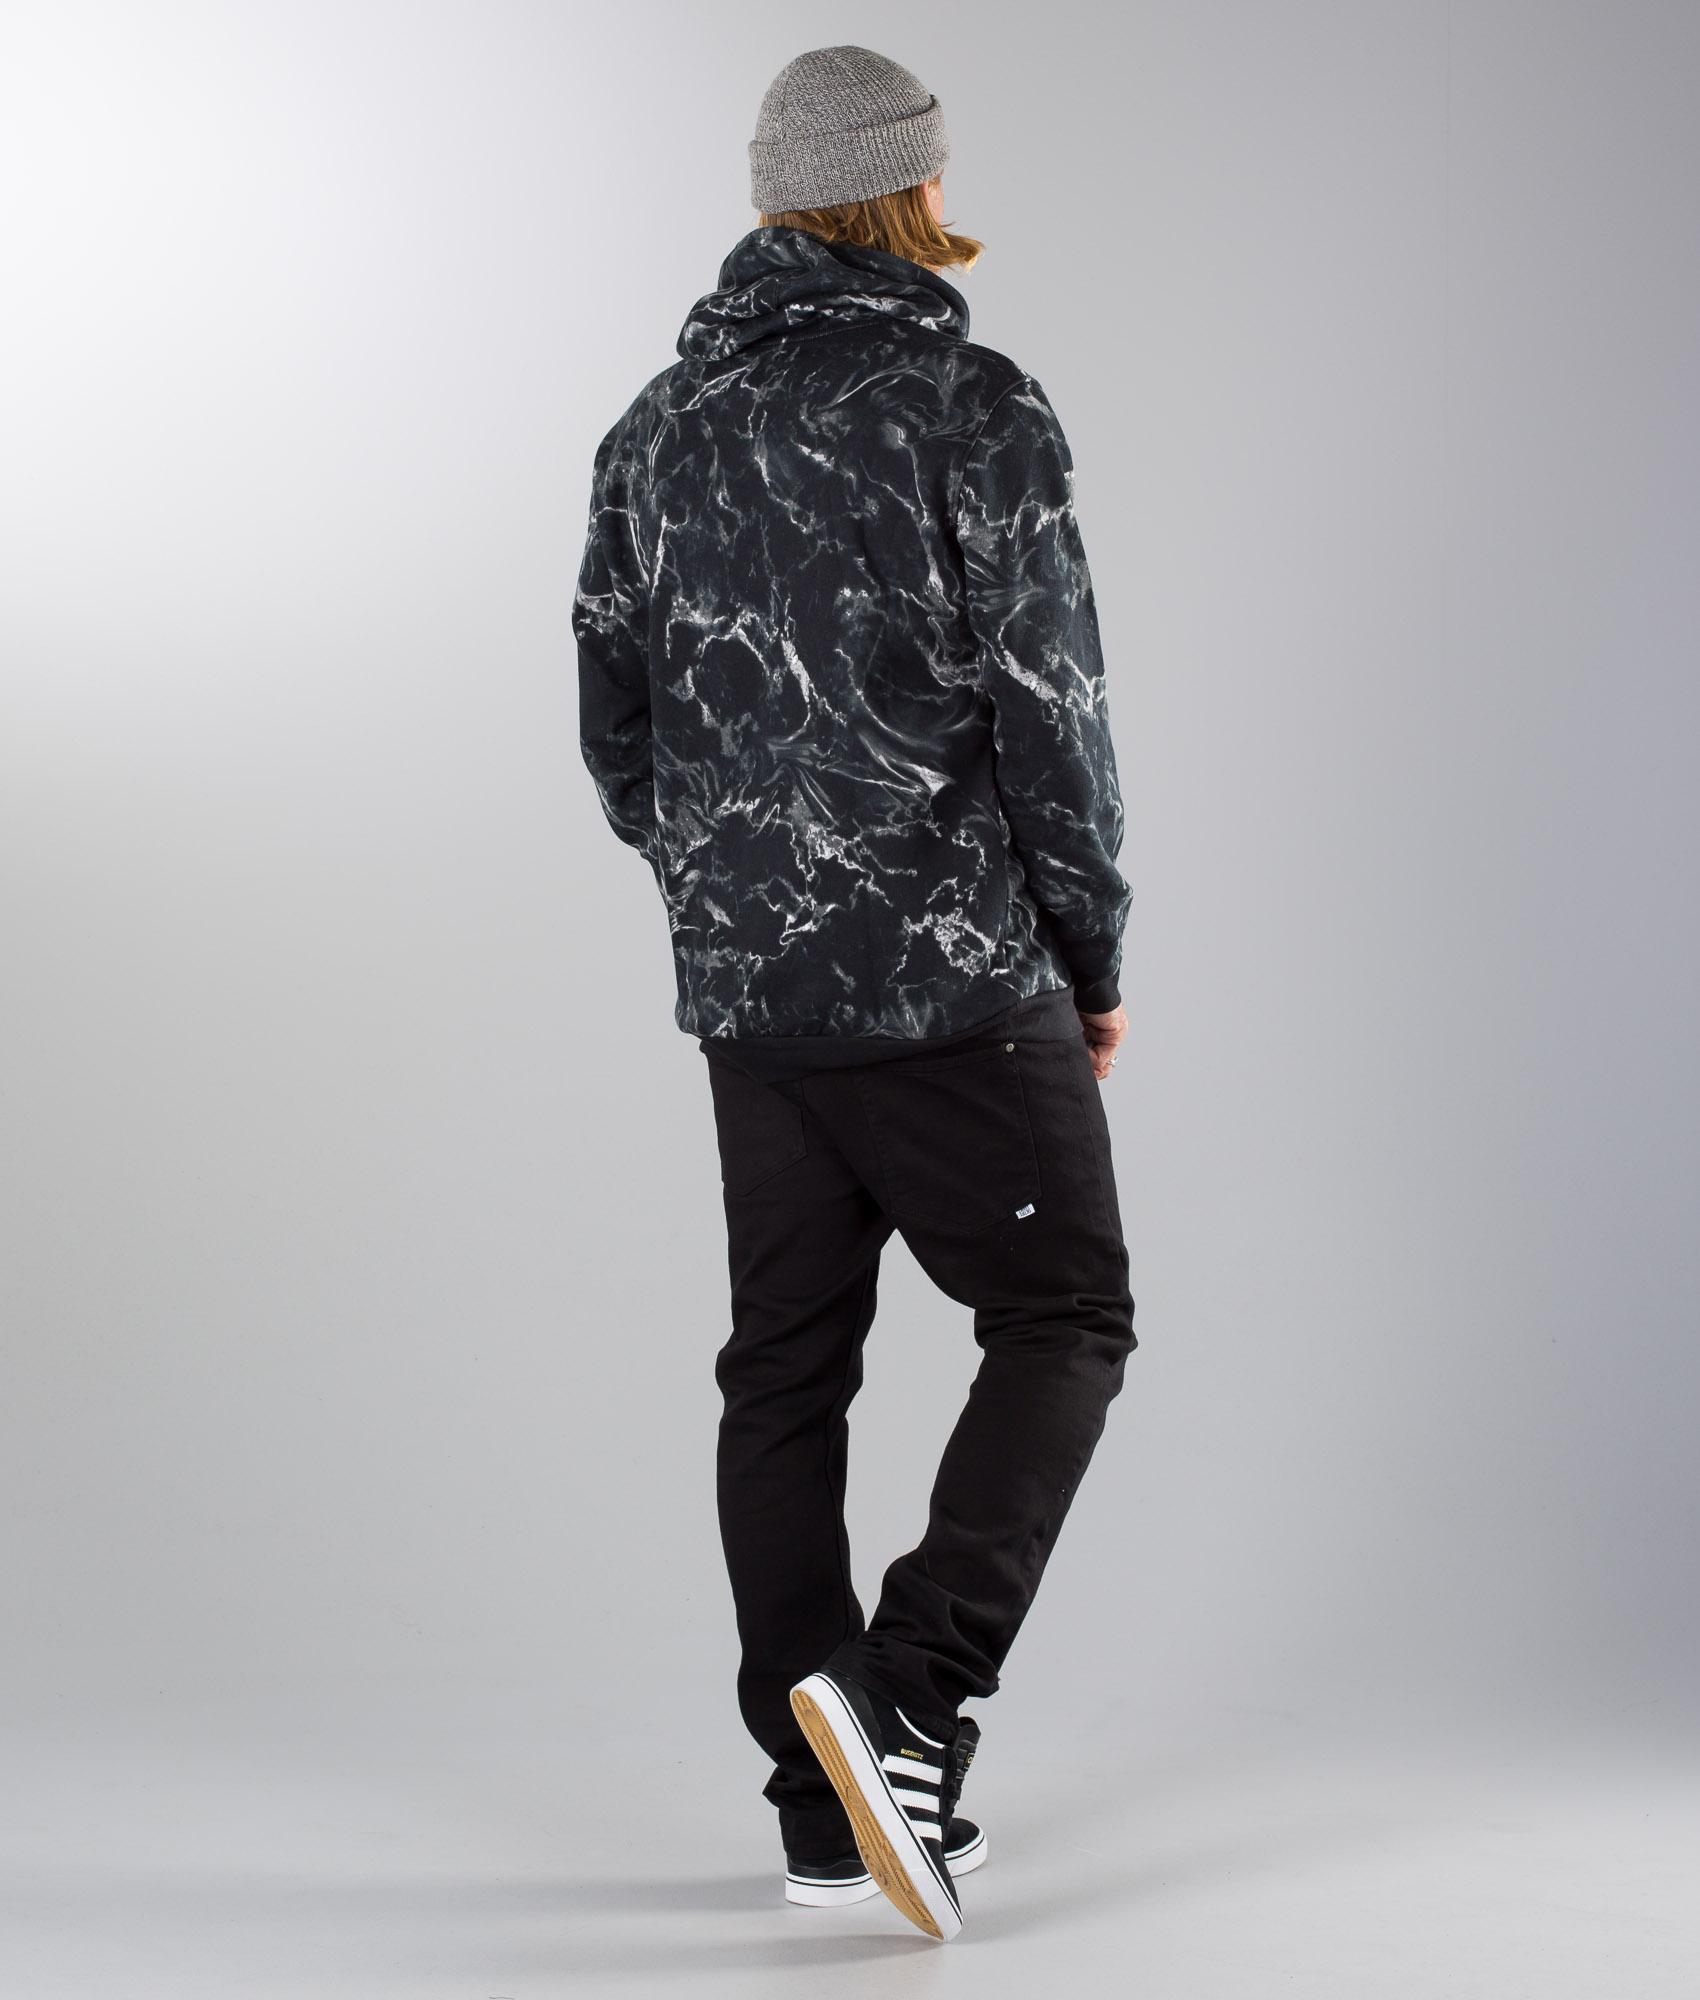 Adidas Skateboarding Marble Aop Hoodie BlackWhite